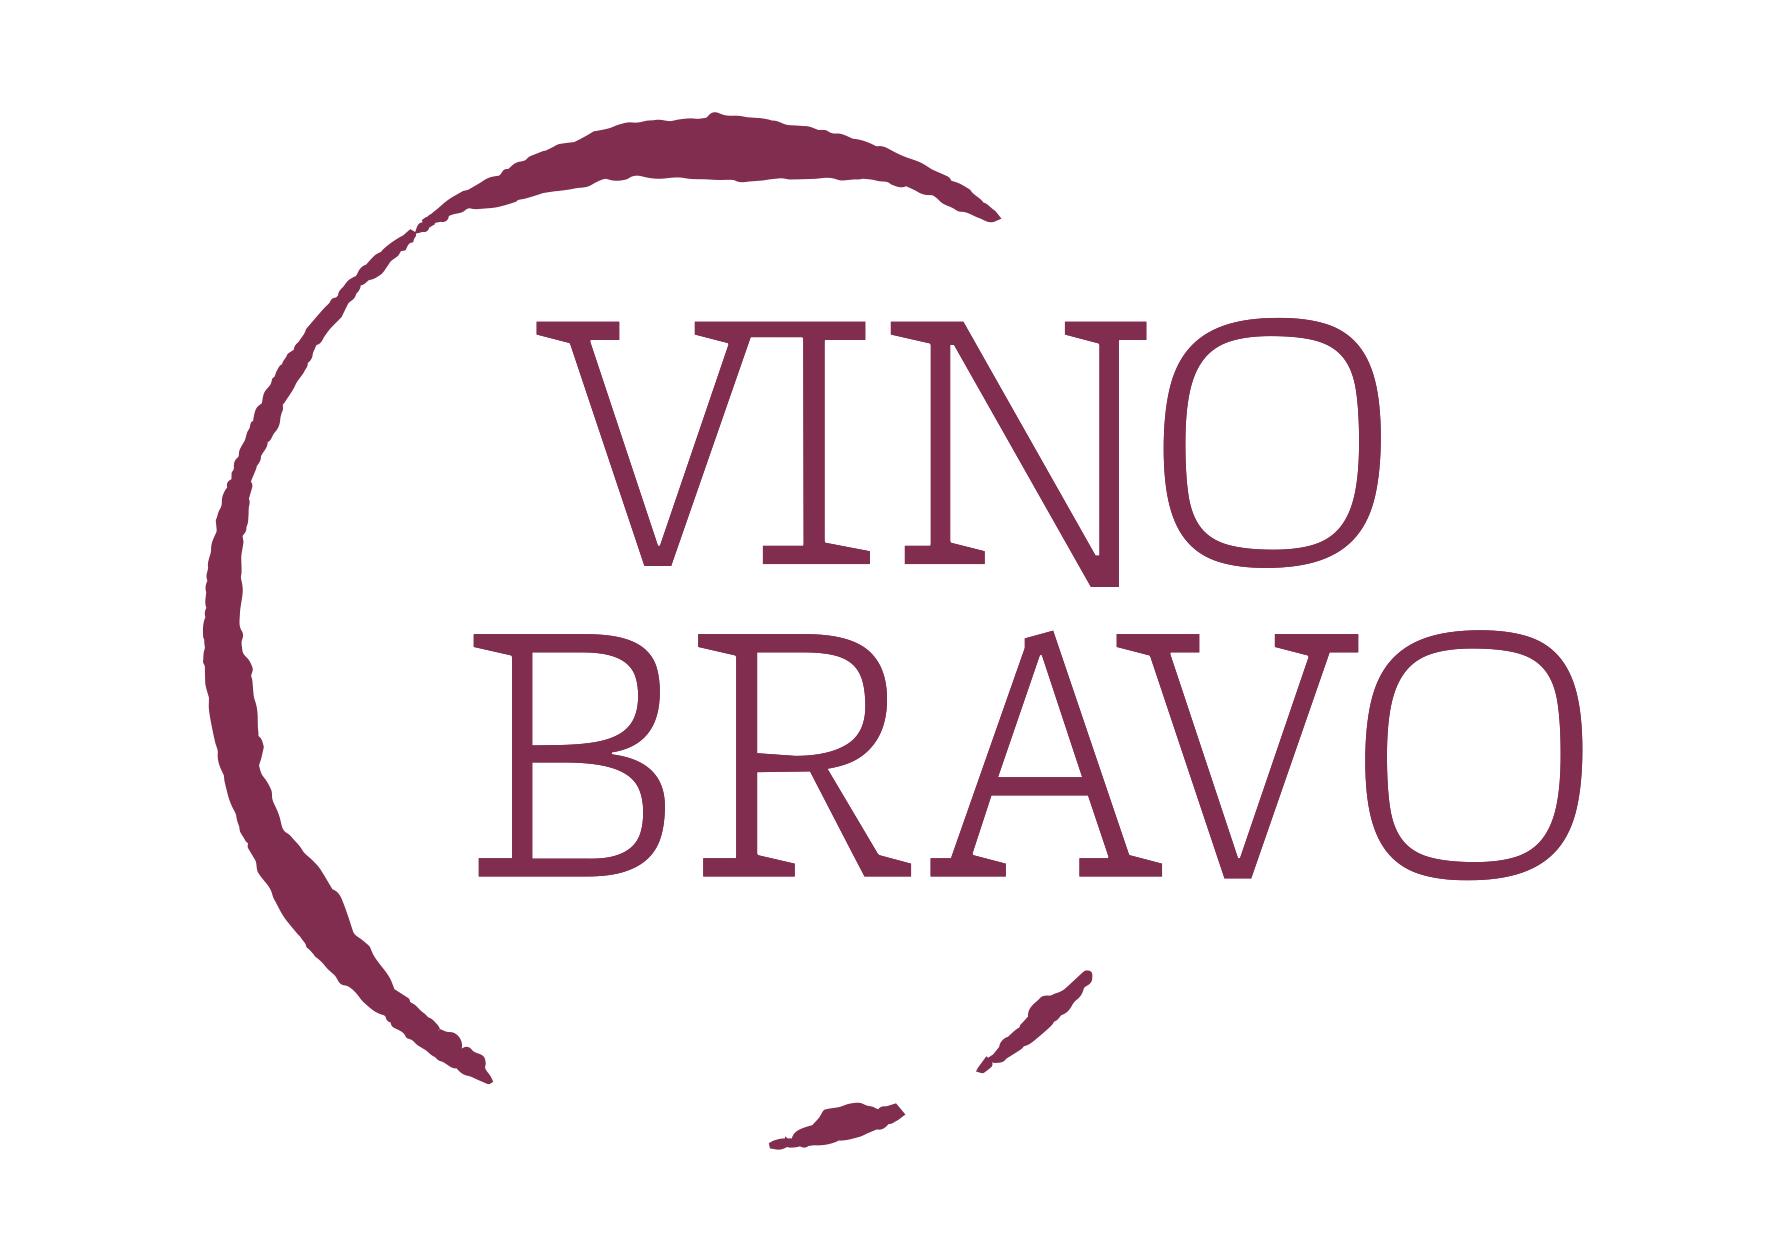 Logotype de Vino Bravo